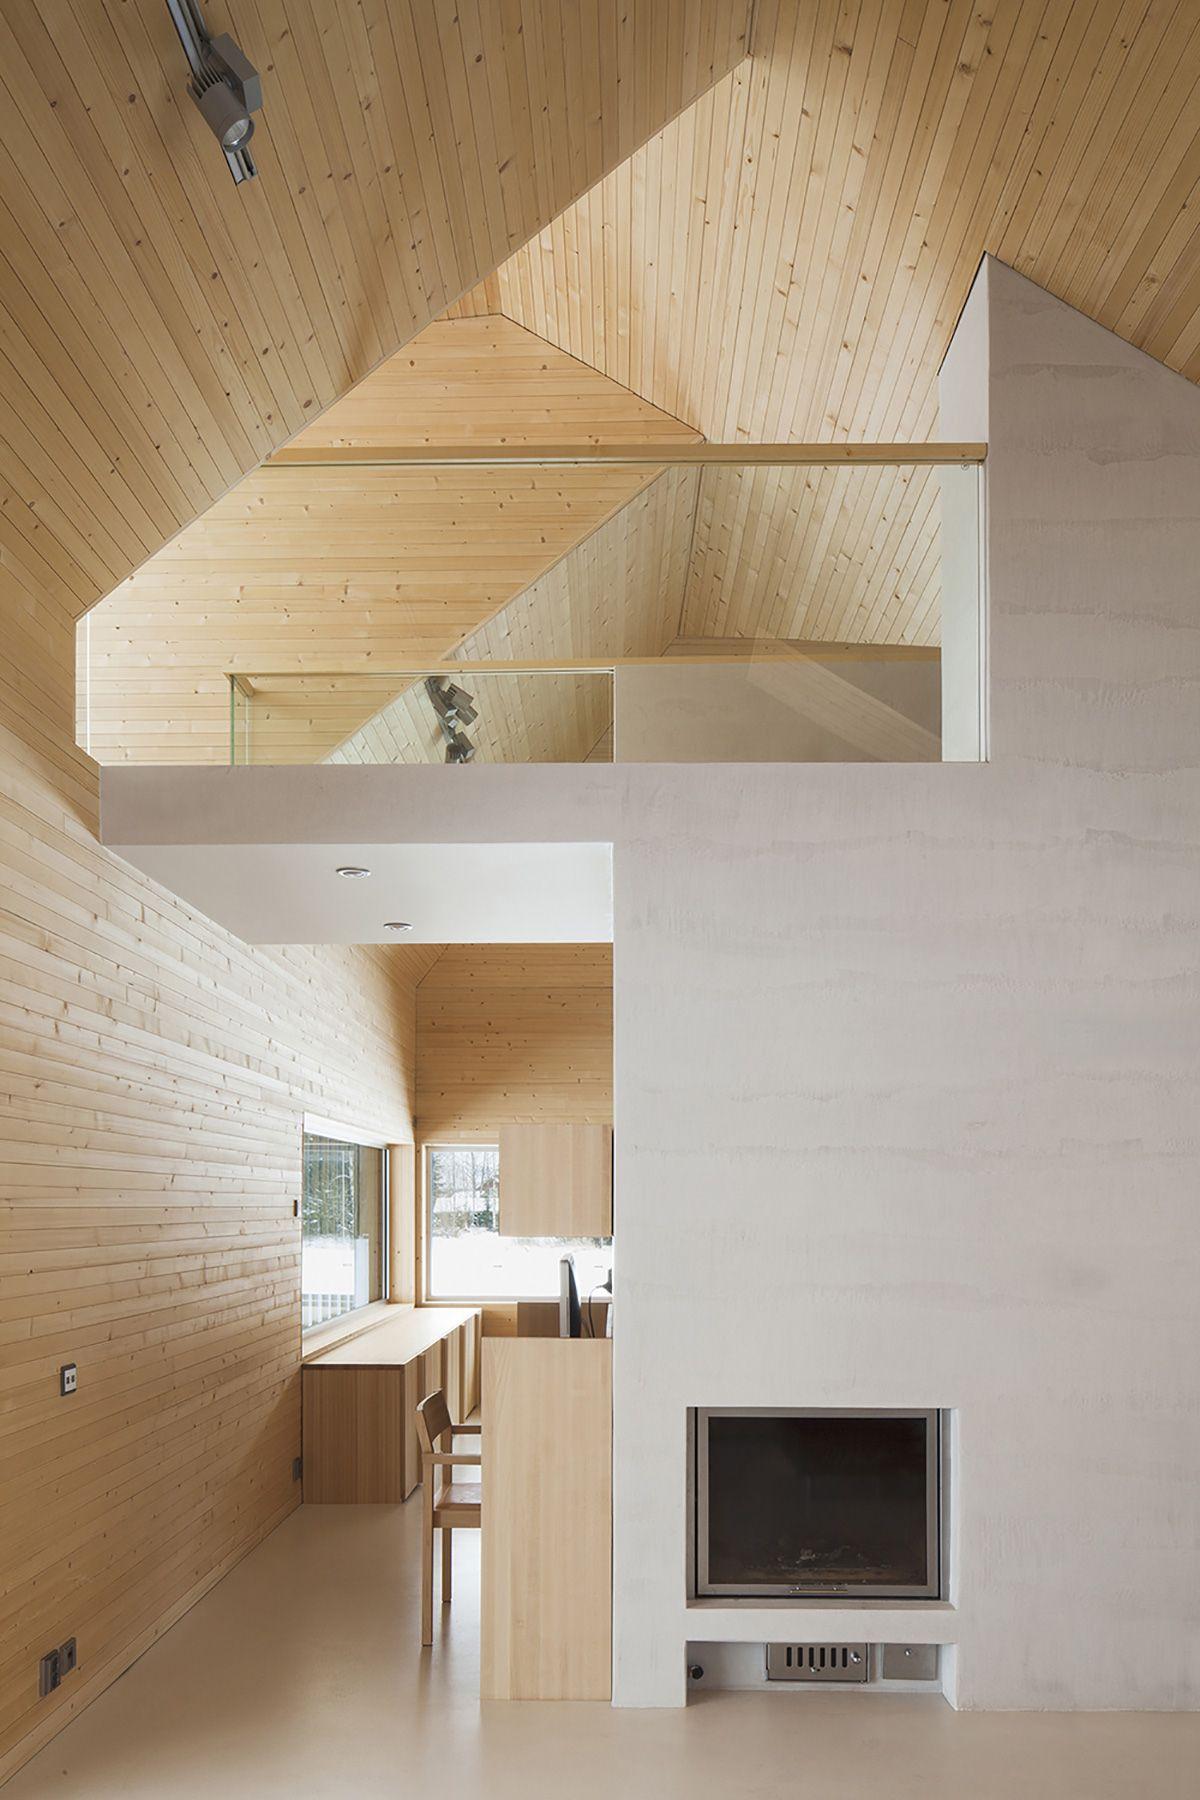 House Riihi by OOPEAA, Finland | Giebelhaus, Dachs und Dachausbau